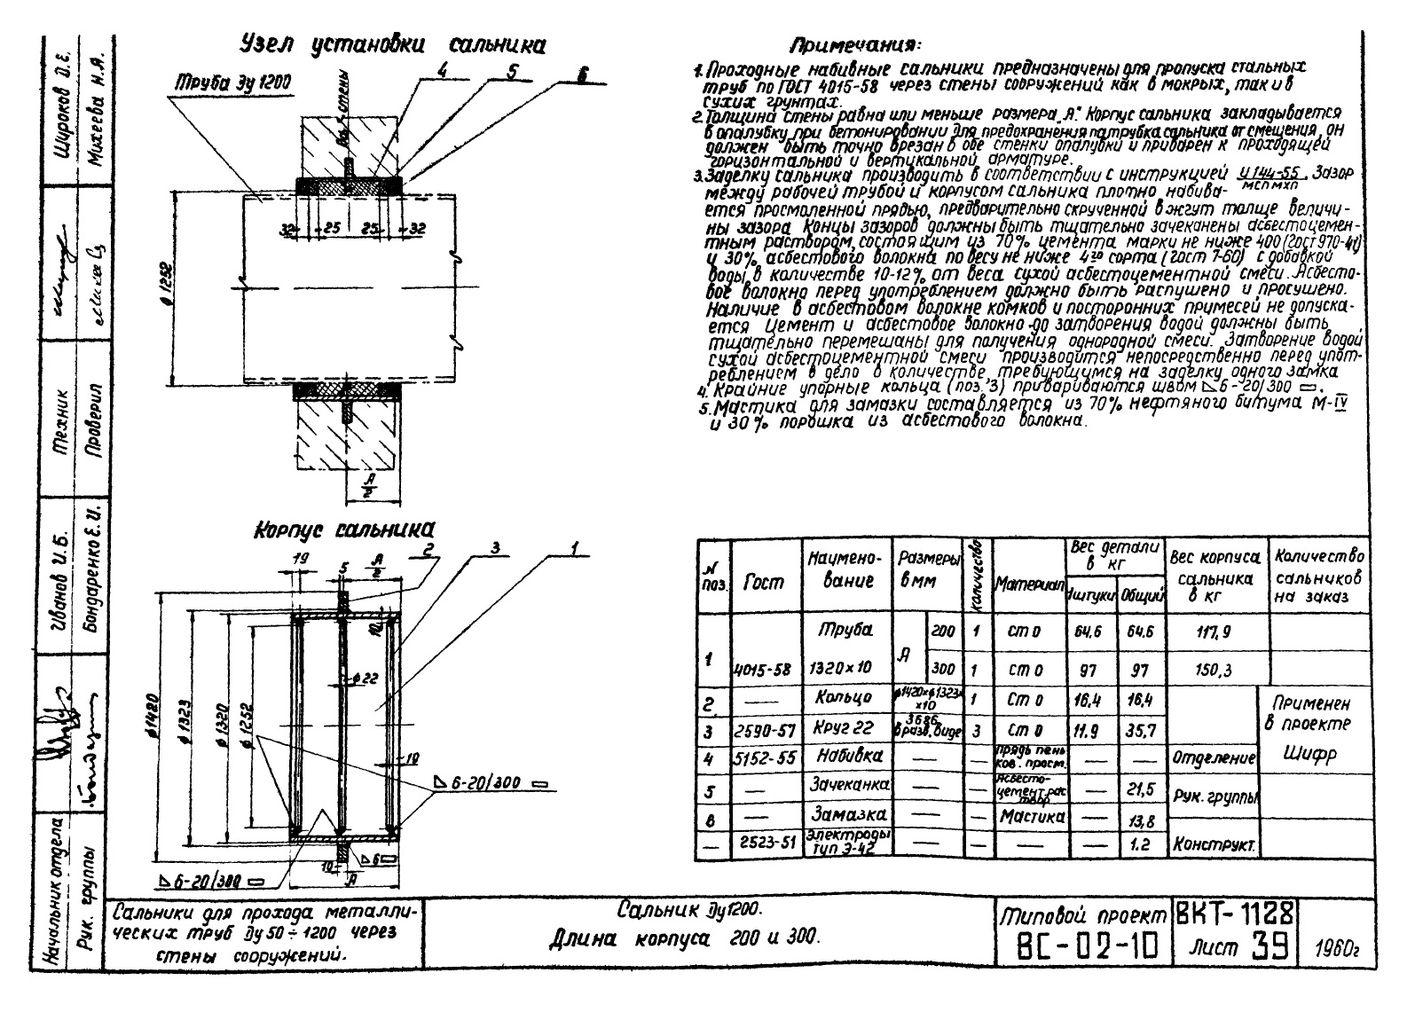 Сальники набивные L = 300 мм типовой проект ВС-02-10 стр.19